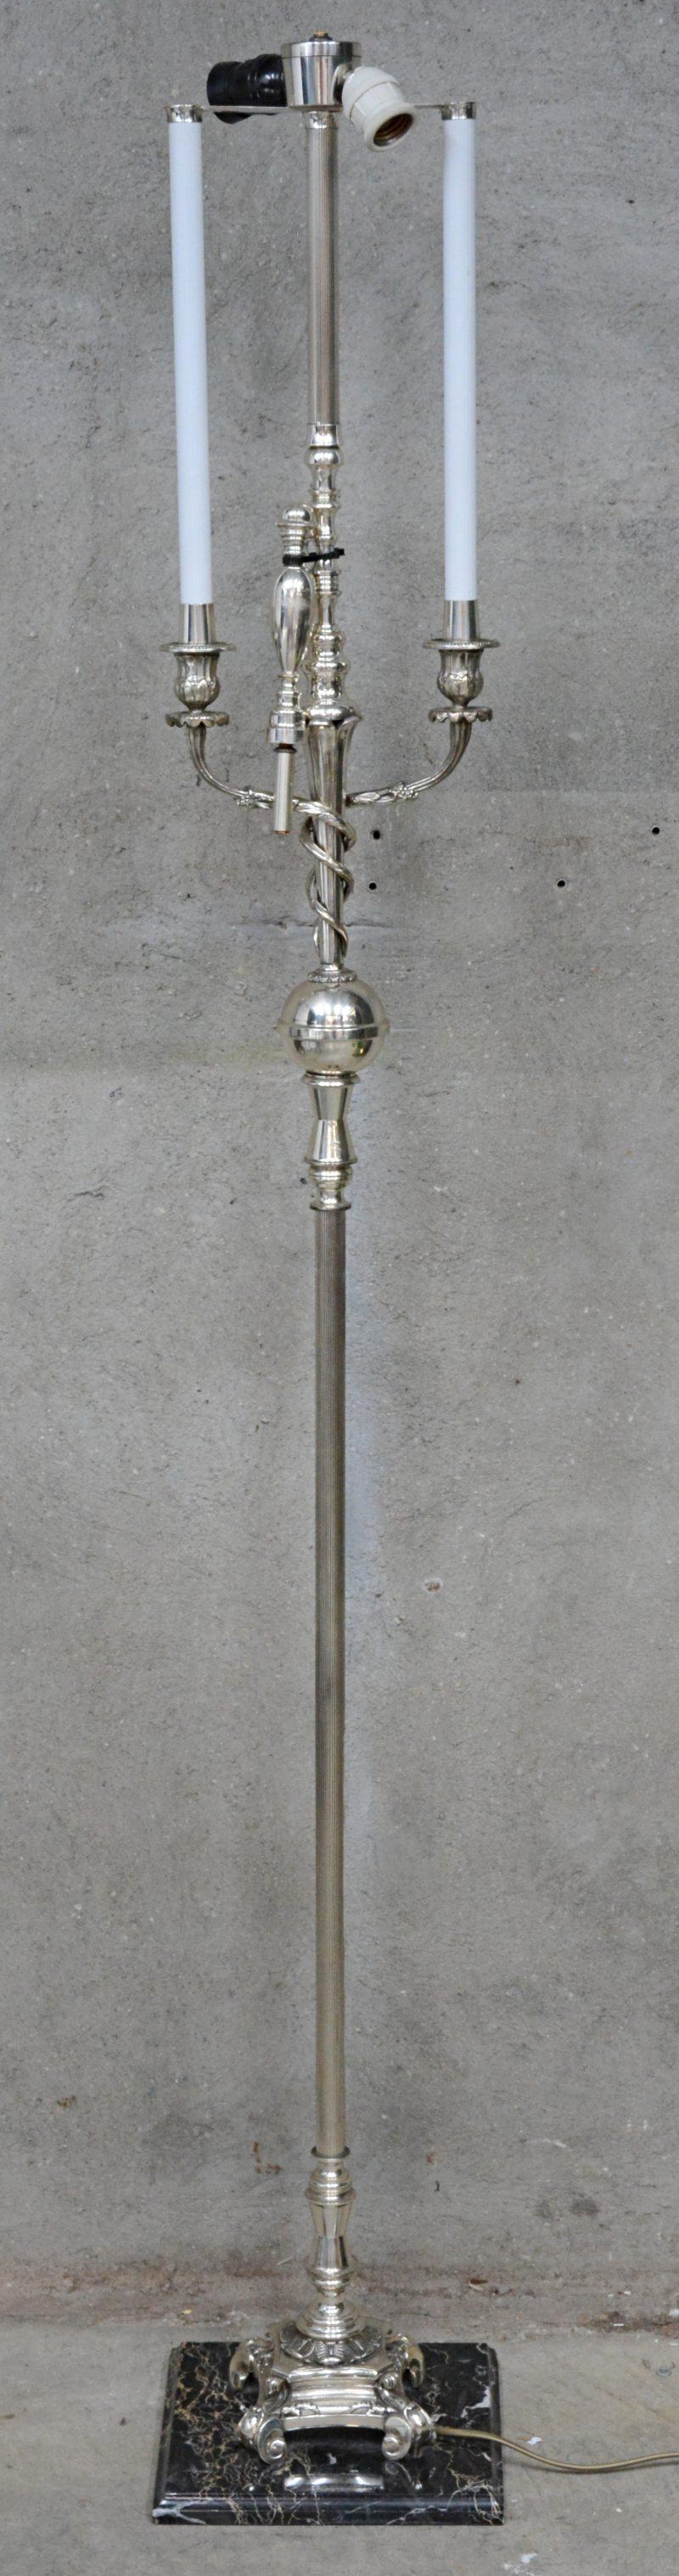 Een verchroomd metalen staande lamp.